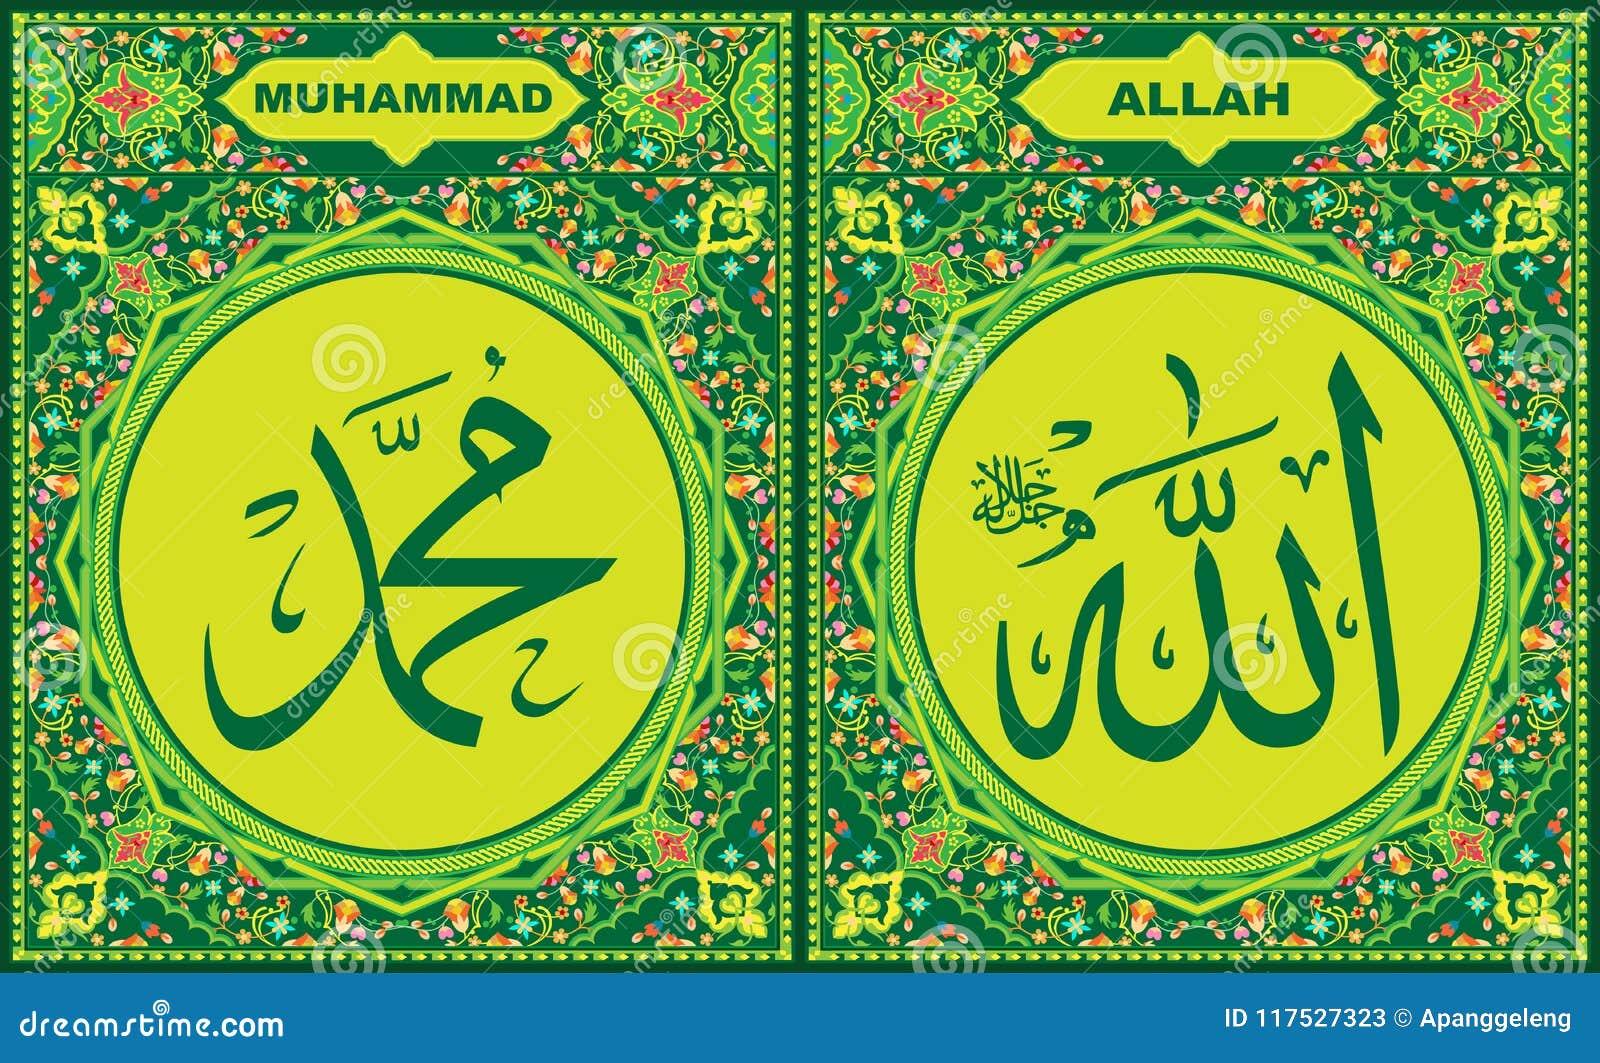 Allah & Muhammad Islamic Calligraphy com quadro verde da beira da flor